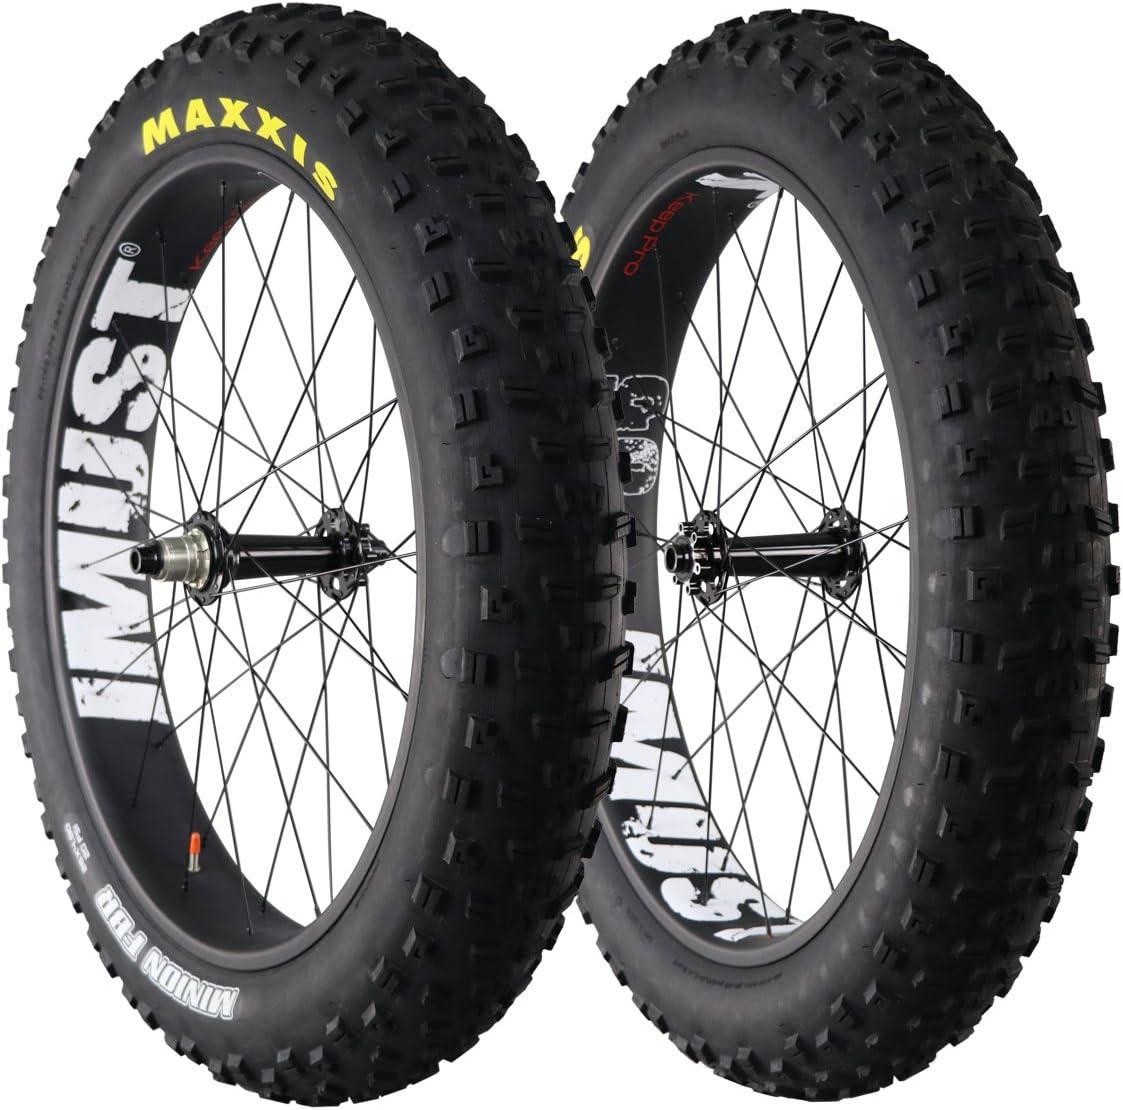 IMUST(アイマシト)26ER 90mm幅 カーボン ファットバイク クリンチャー ホイールセット+タイヤ 1ペア  フロント:135x15mm リア:190x12mm